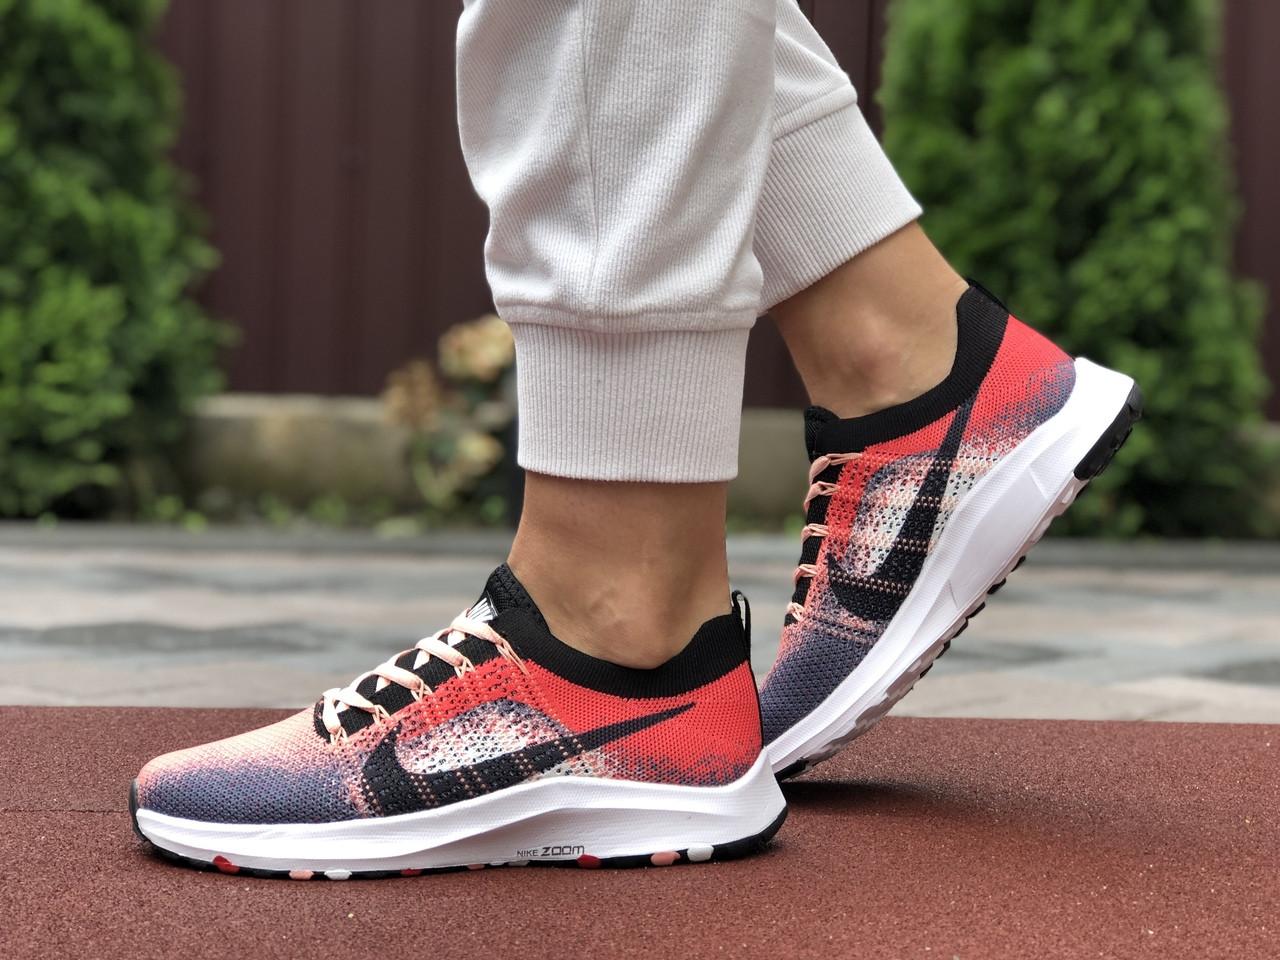 Женские кроссовки летние Nike Zoom,сетка,разноцветные